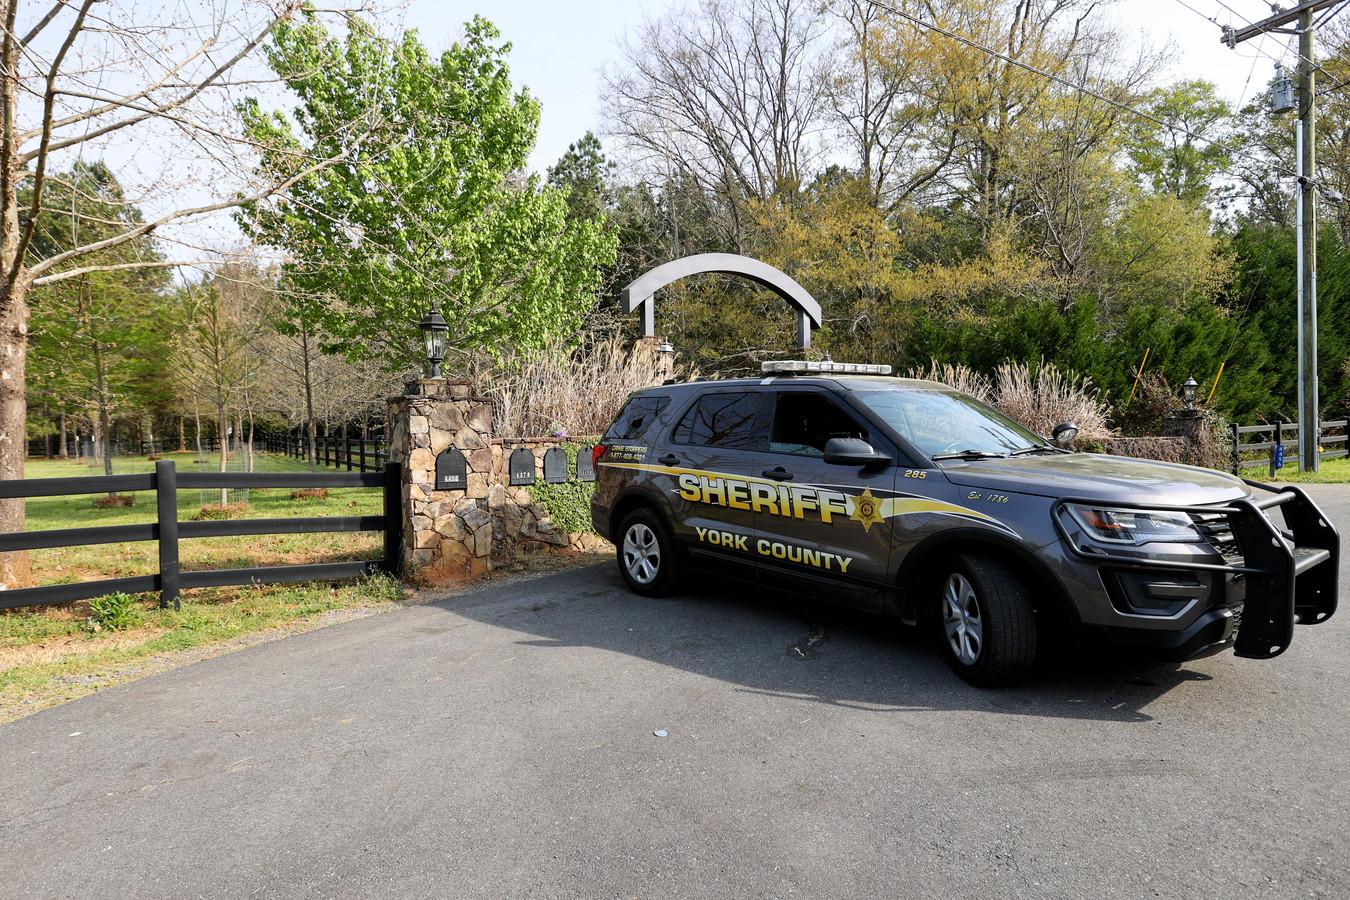 De politie verricht onderzoek op het landgoed waar het bloedbad plaatsvond.